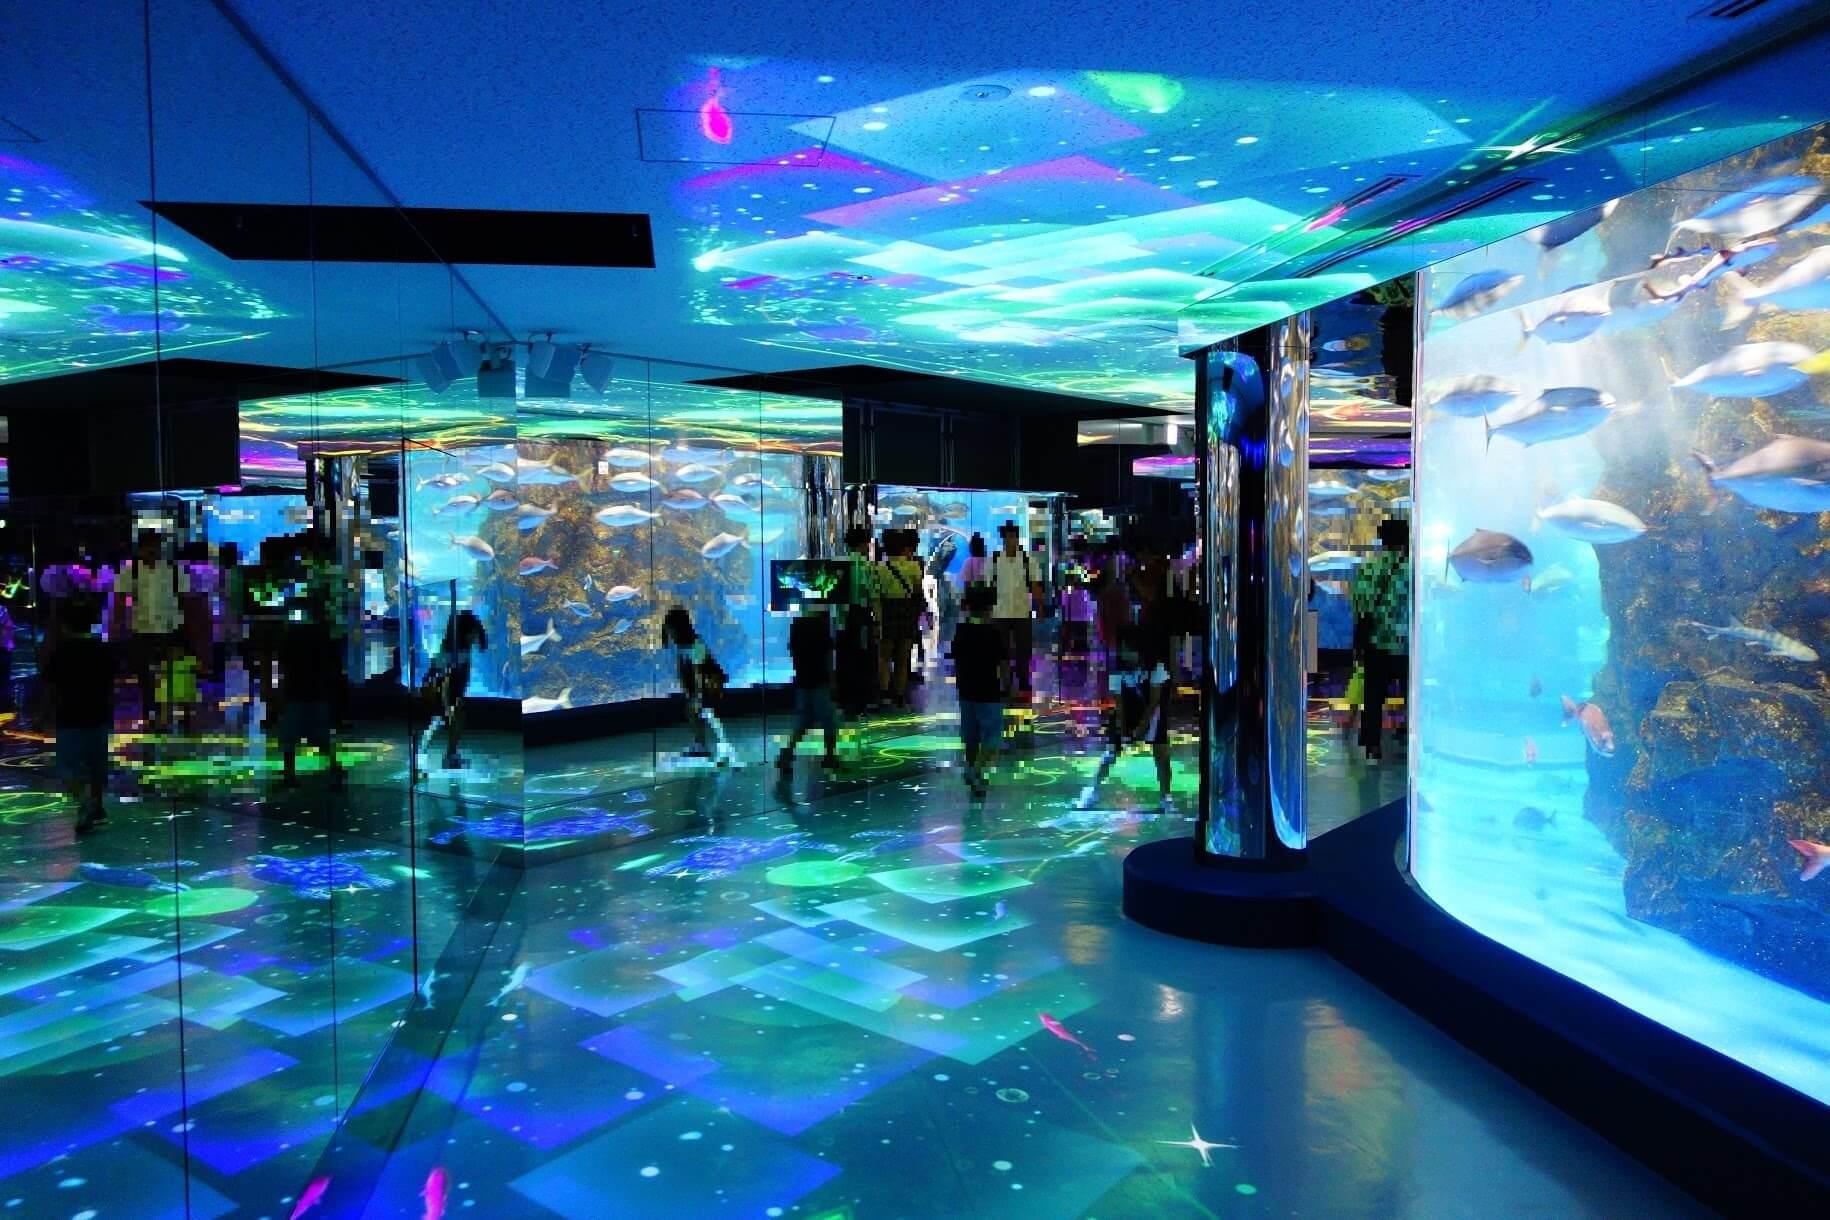 のとじま水族館 のと海遊回廊|能登七尾市で日本海初のプロジェクションマッピングに魅了